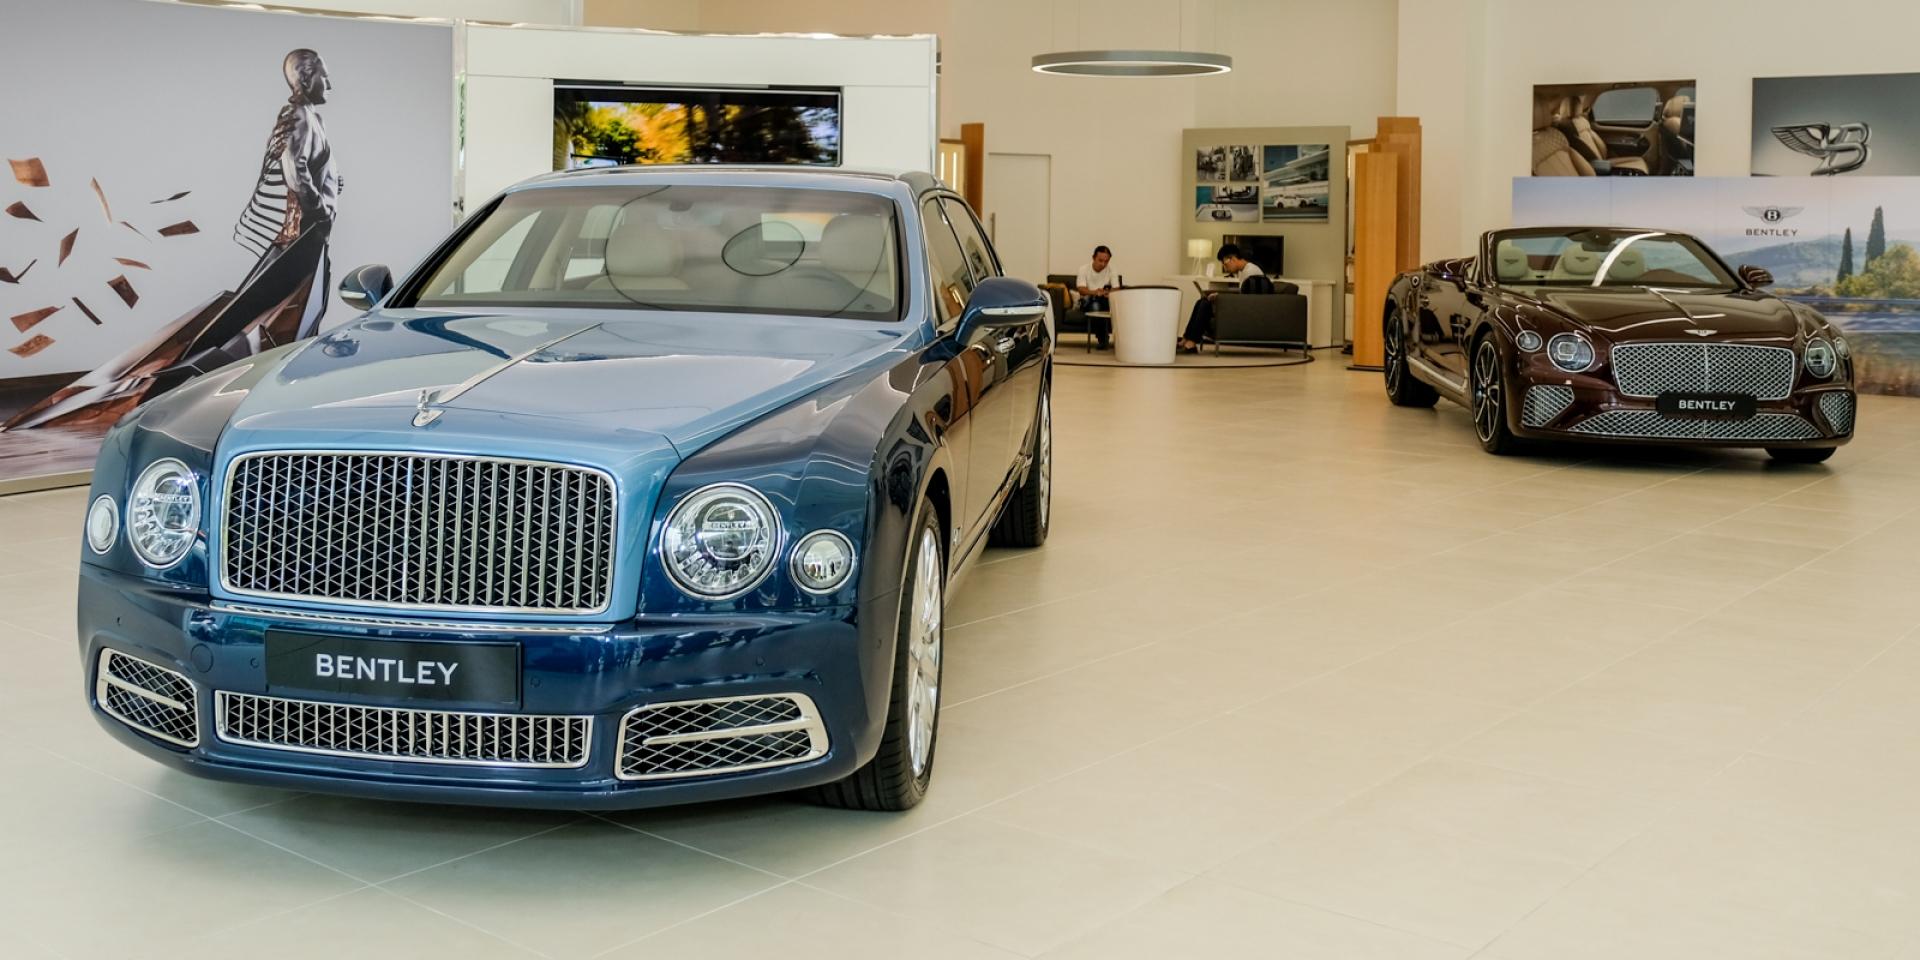 一世紀的經典淬煉,BENTLEY「The 100 Extraordinary Years 媒體鑑賞會」,限量Mulsanne、Continental GT Convertible同場展示